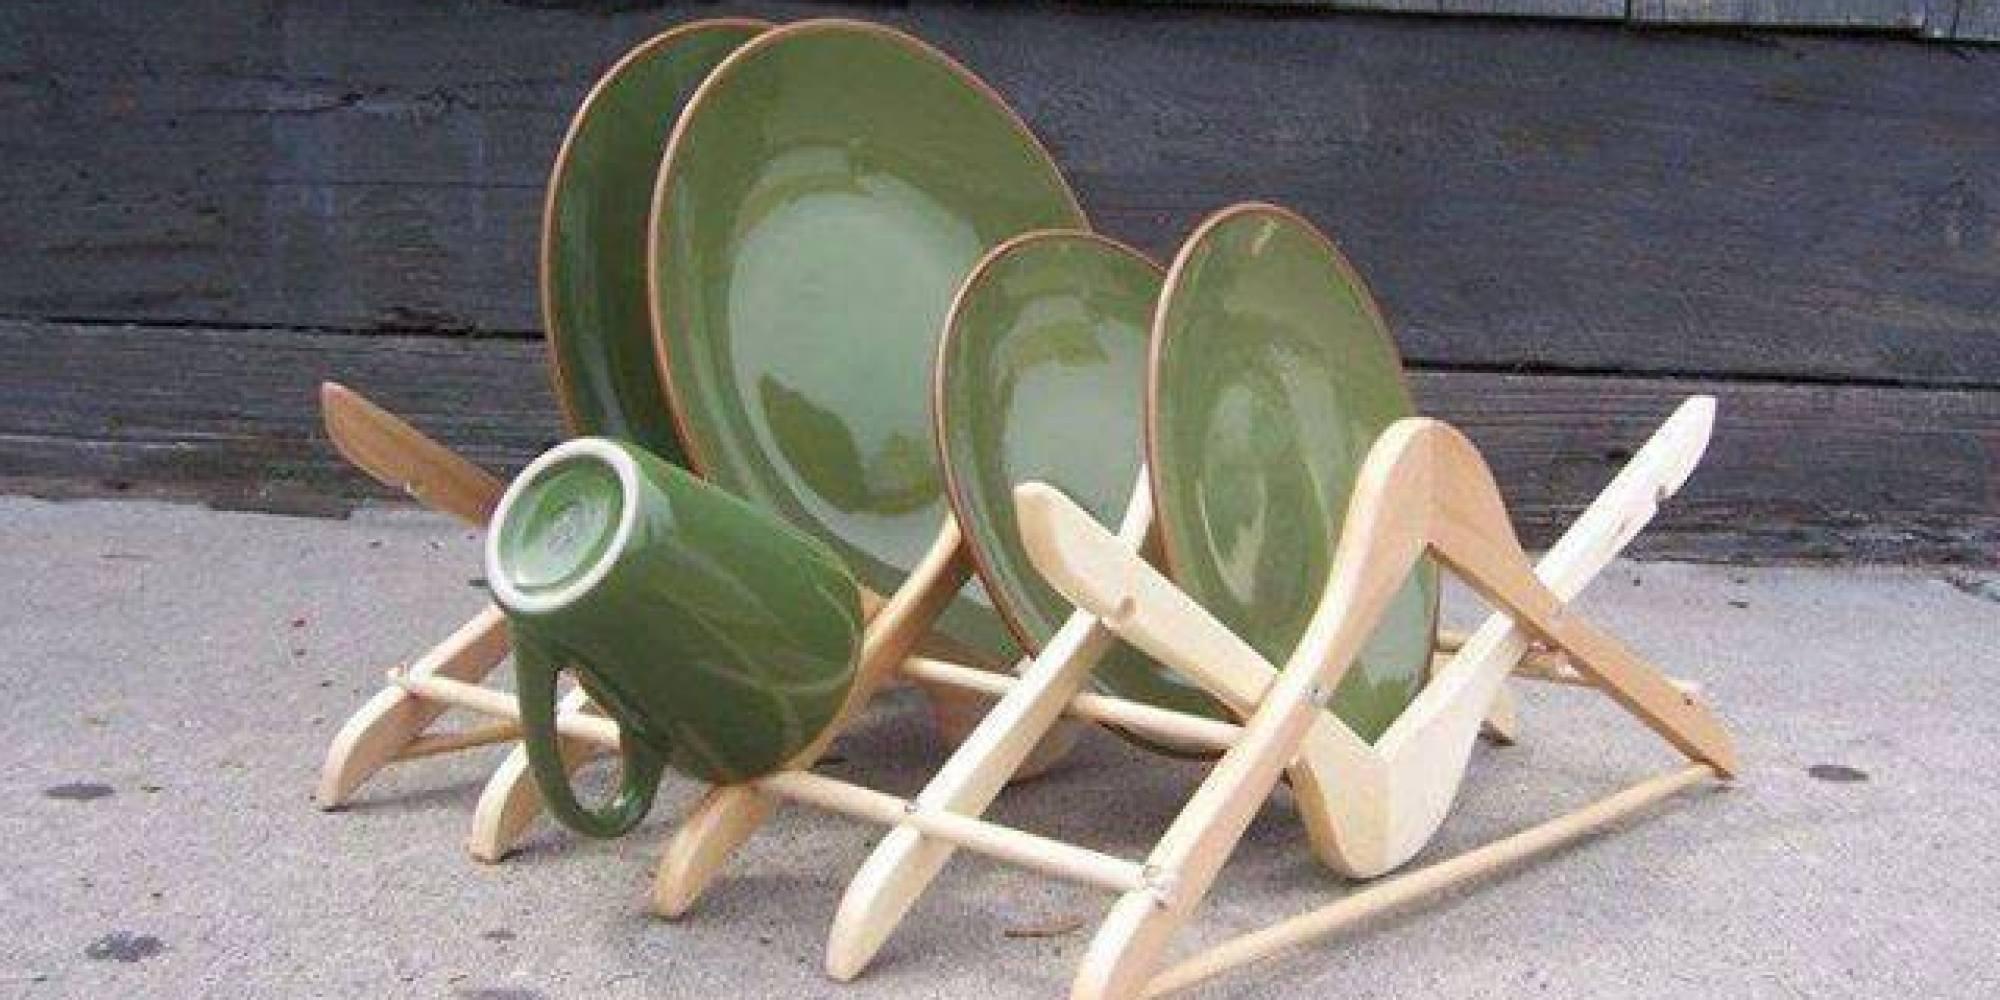 arredamento giardino riciclo: tavolo con panca in legno per ... - Idee Arredamento Riciclato